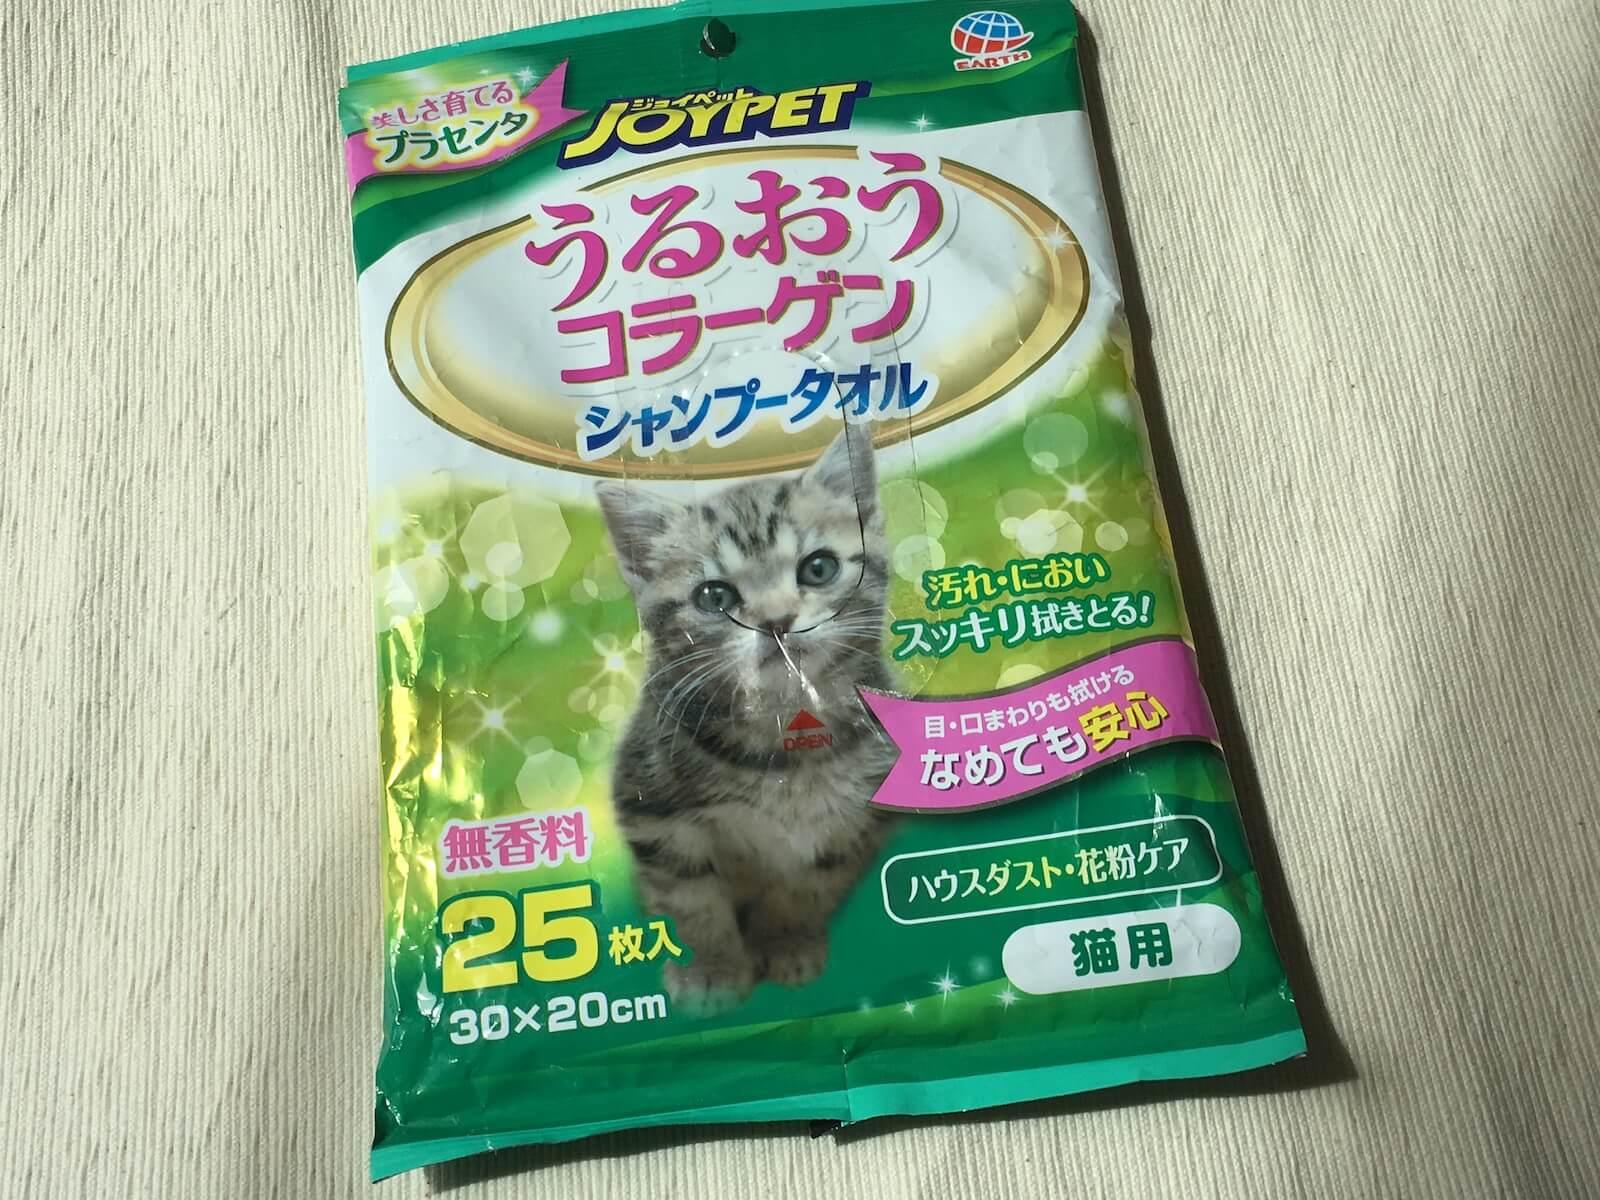 シャンプー嫌いの猫にシャンプータオルで体を拭いてます